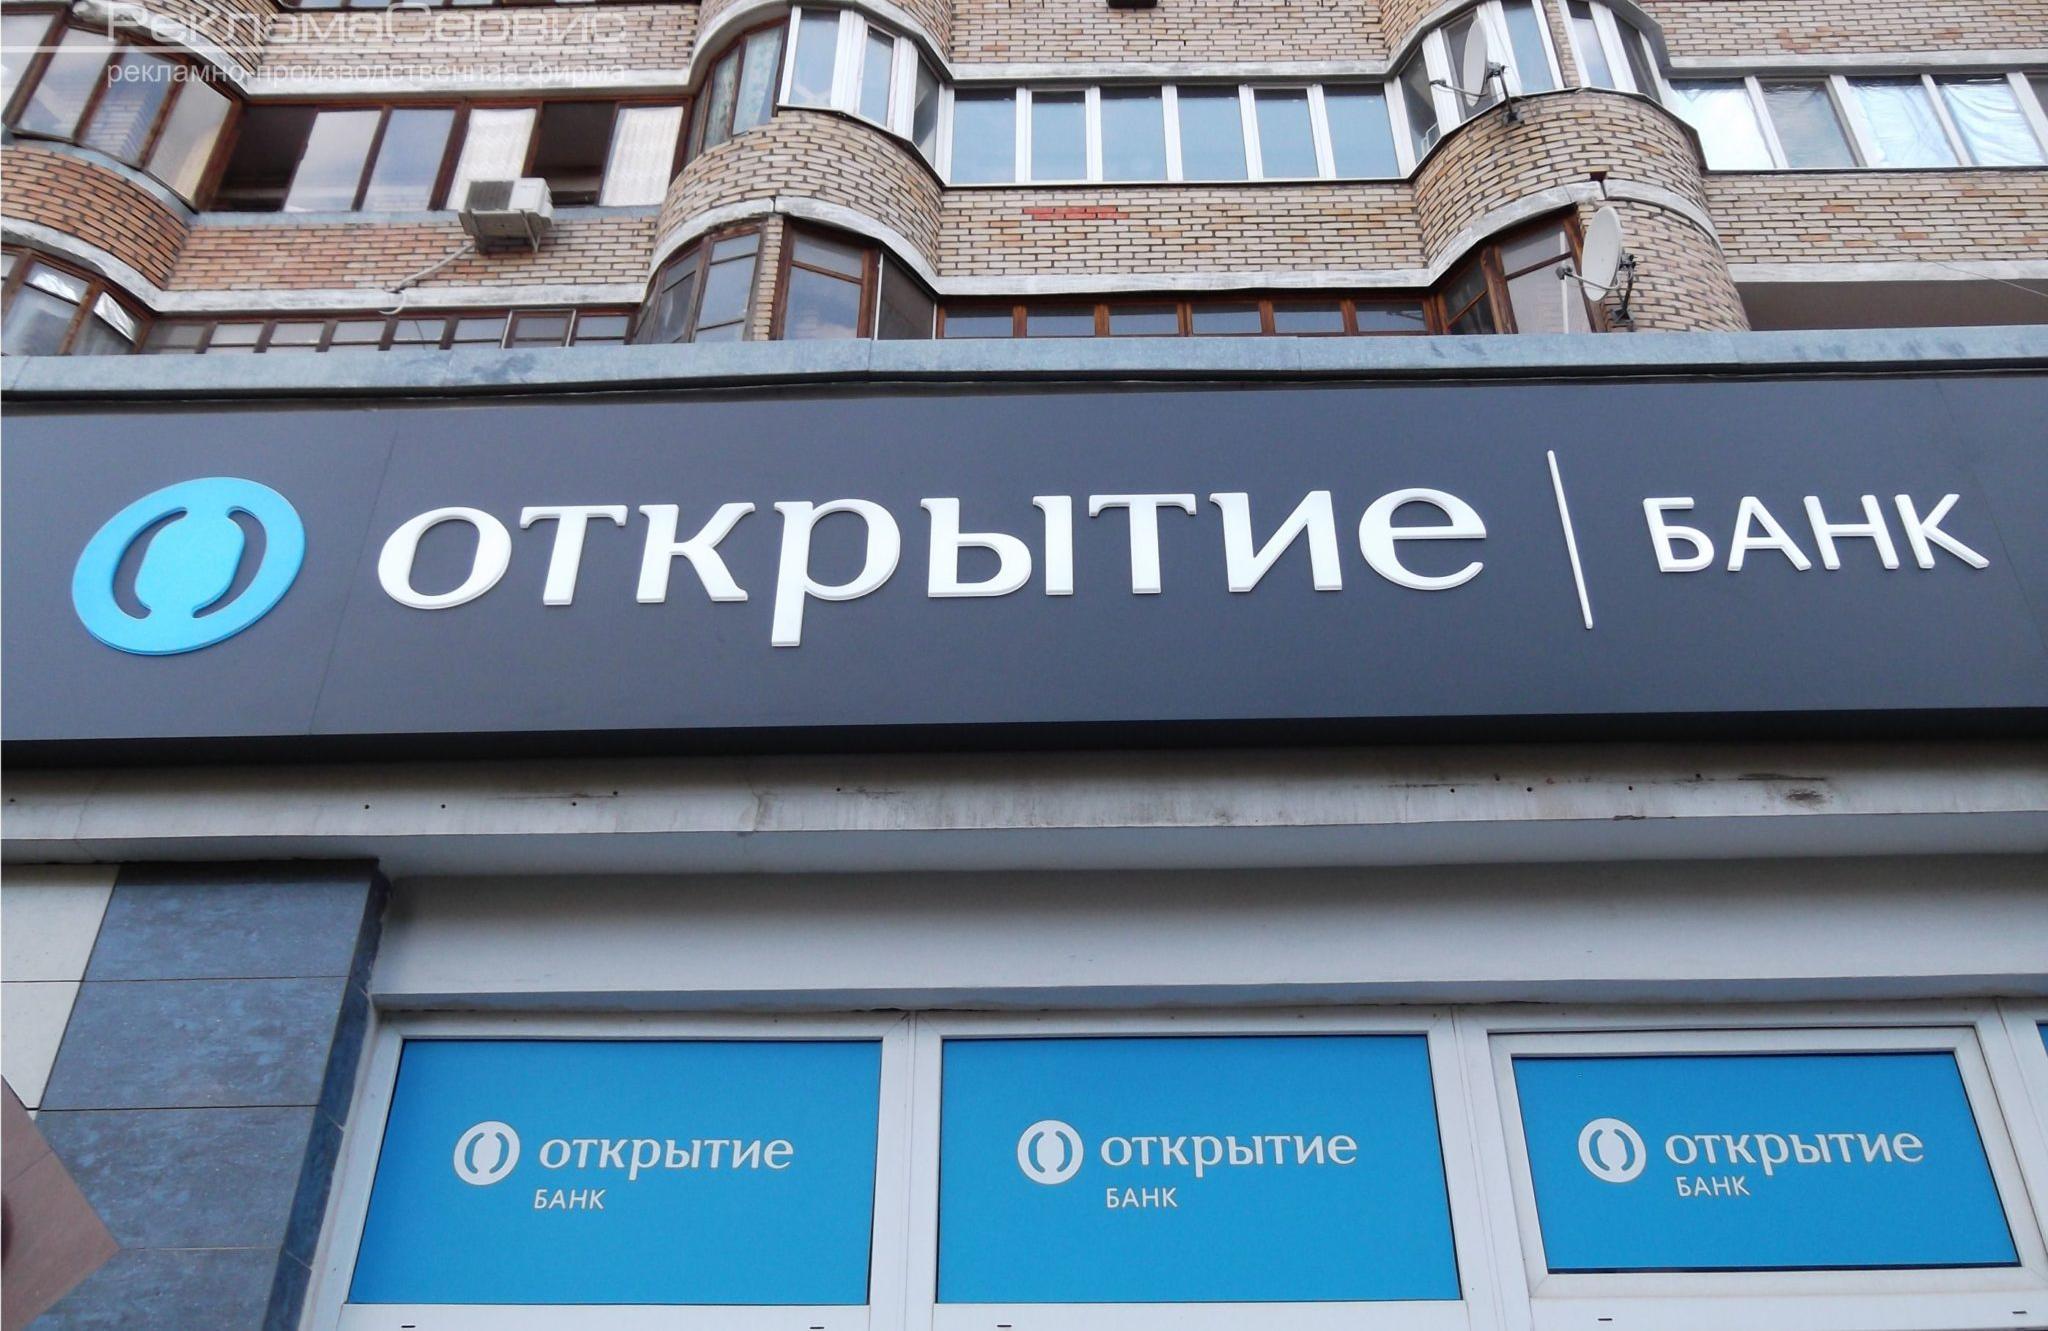 Банк «Открытие» предлагает компенсировать проценты по кредиту наличными бонусными рублями - новости Афанасий